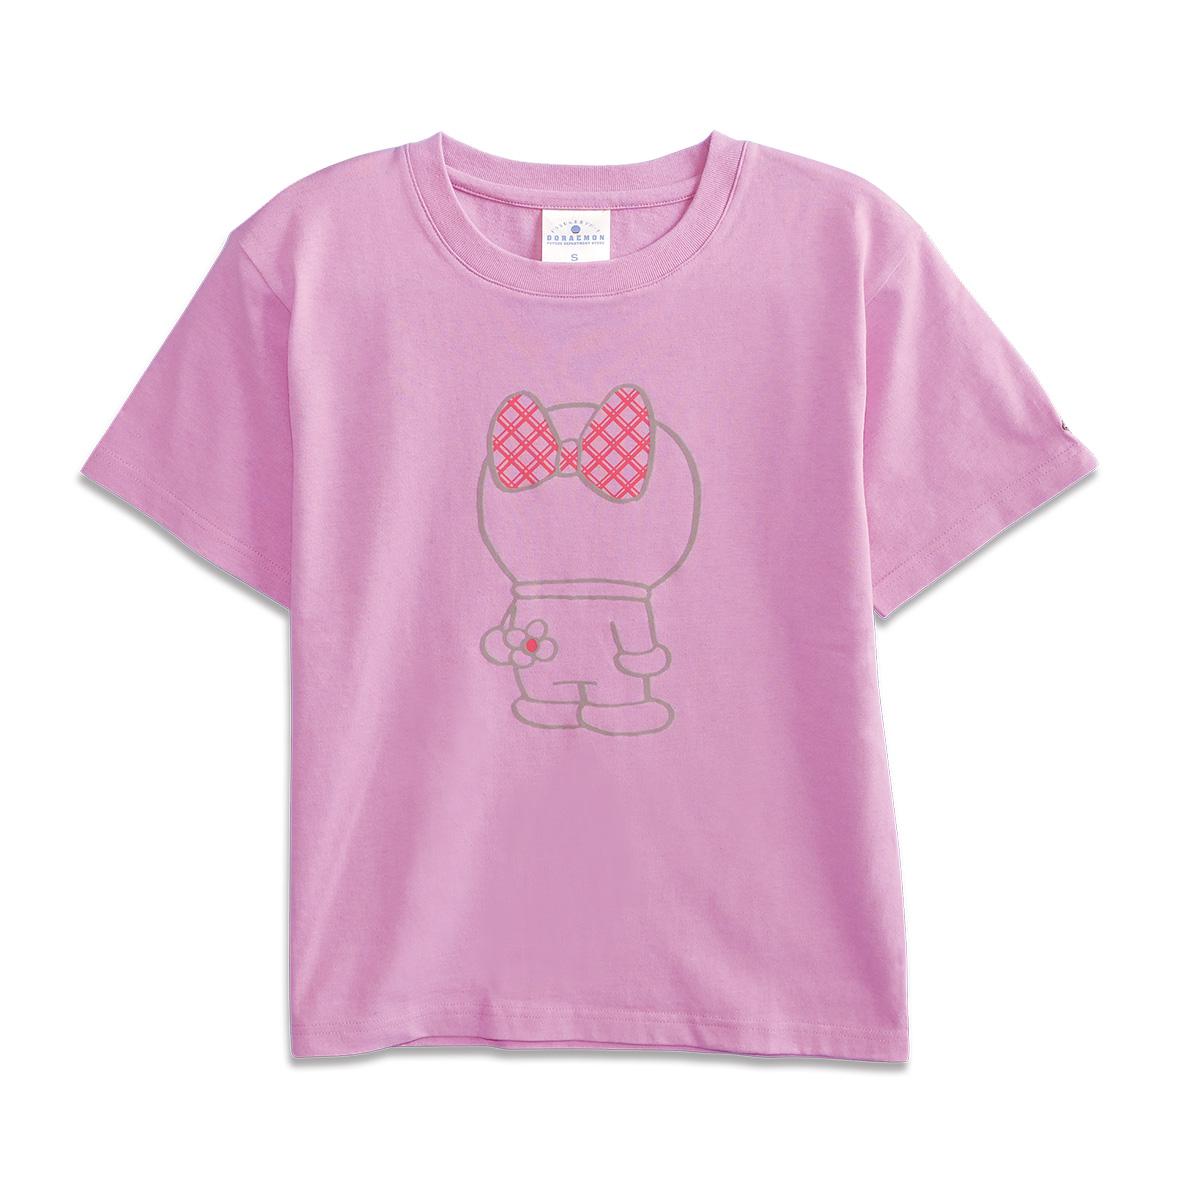 Tシャツ ドラミ後ろすがた ピンク S